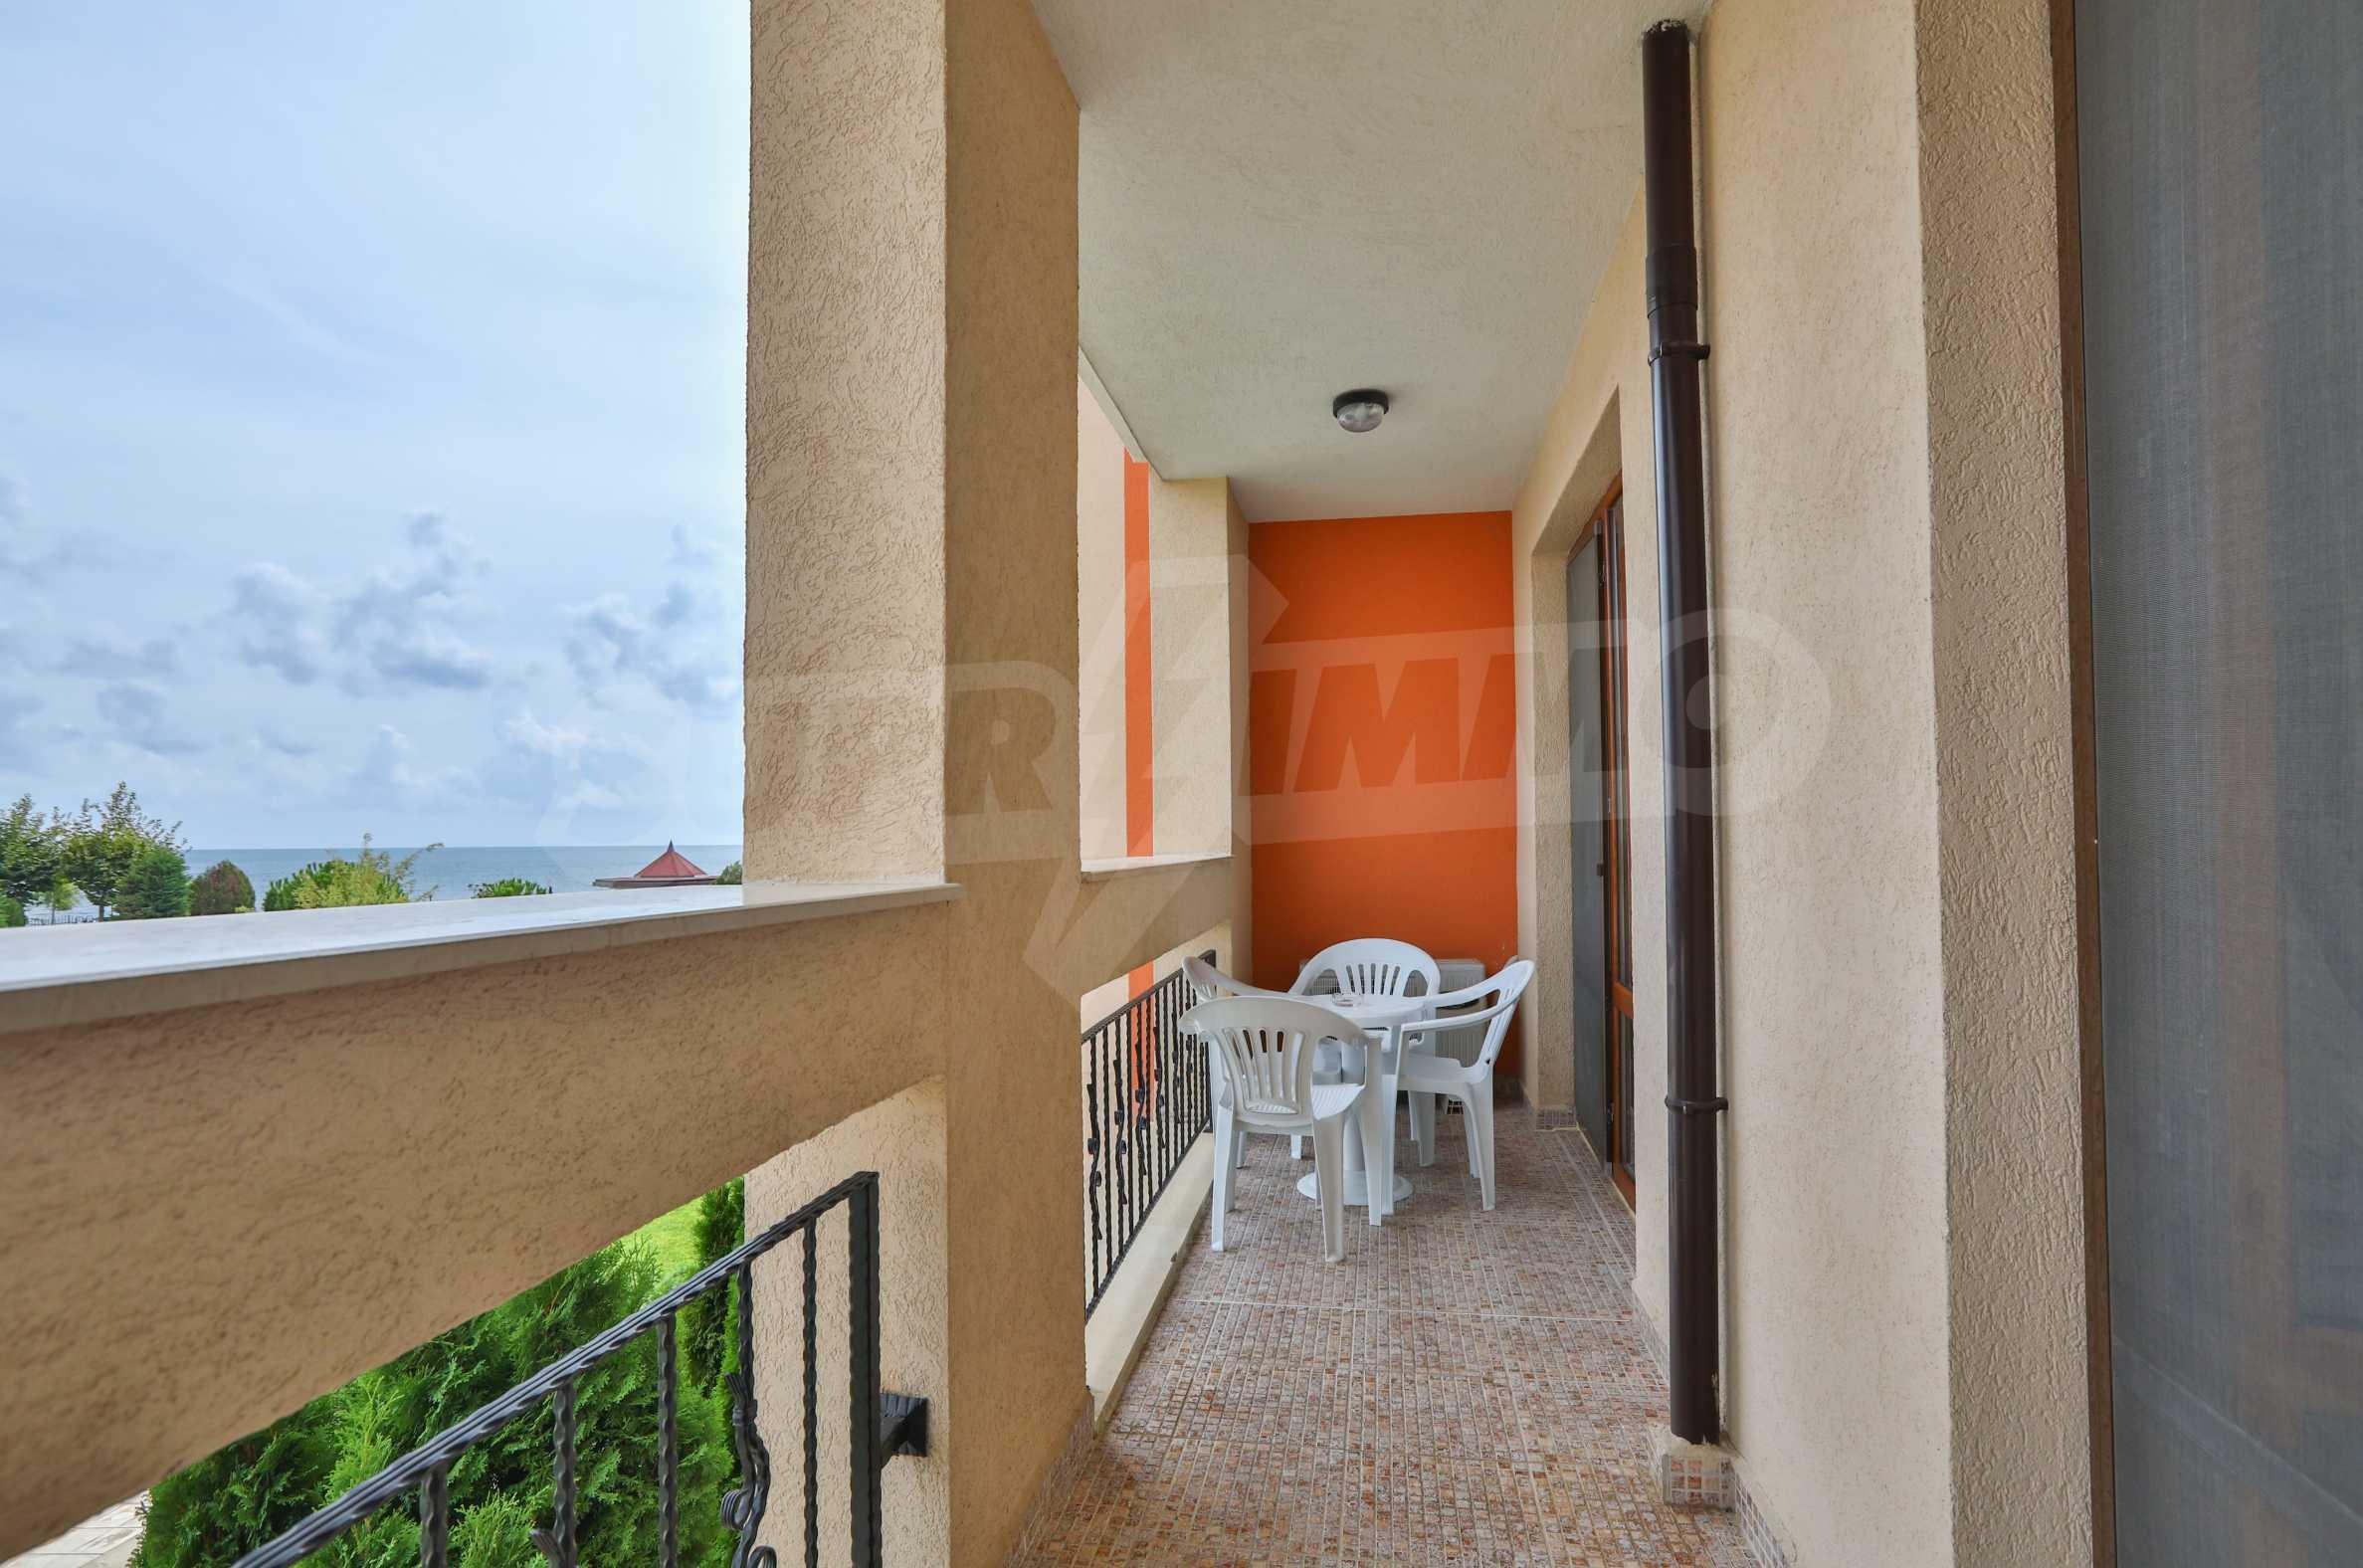 Двустаен апартамент в елитен комплекс на първа линия море 12